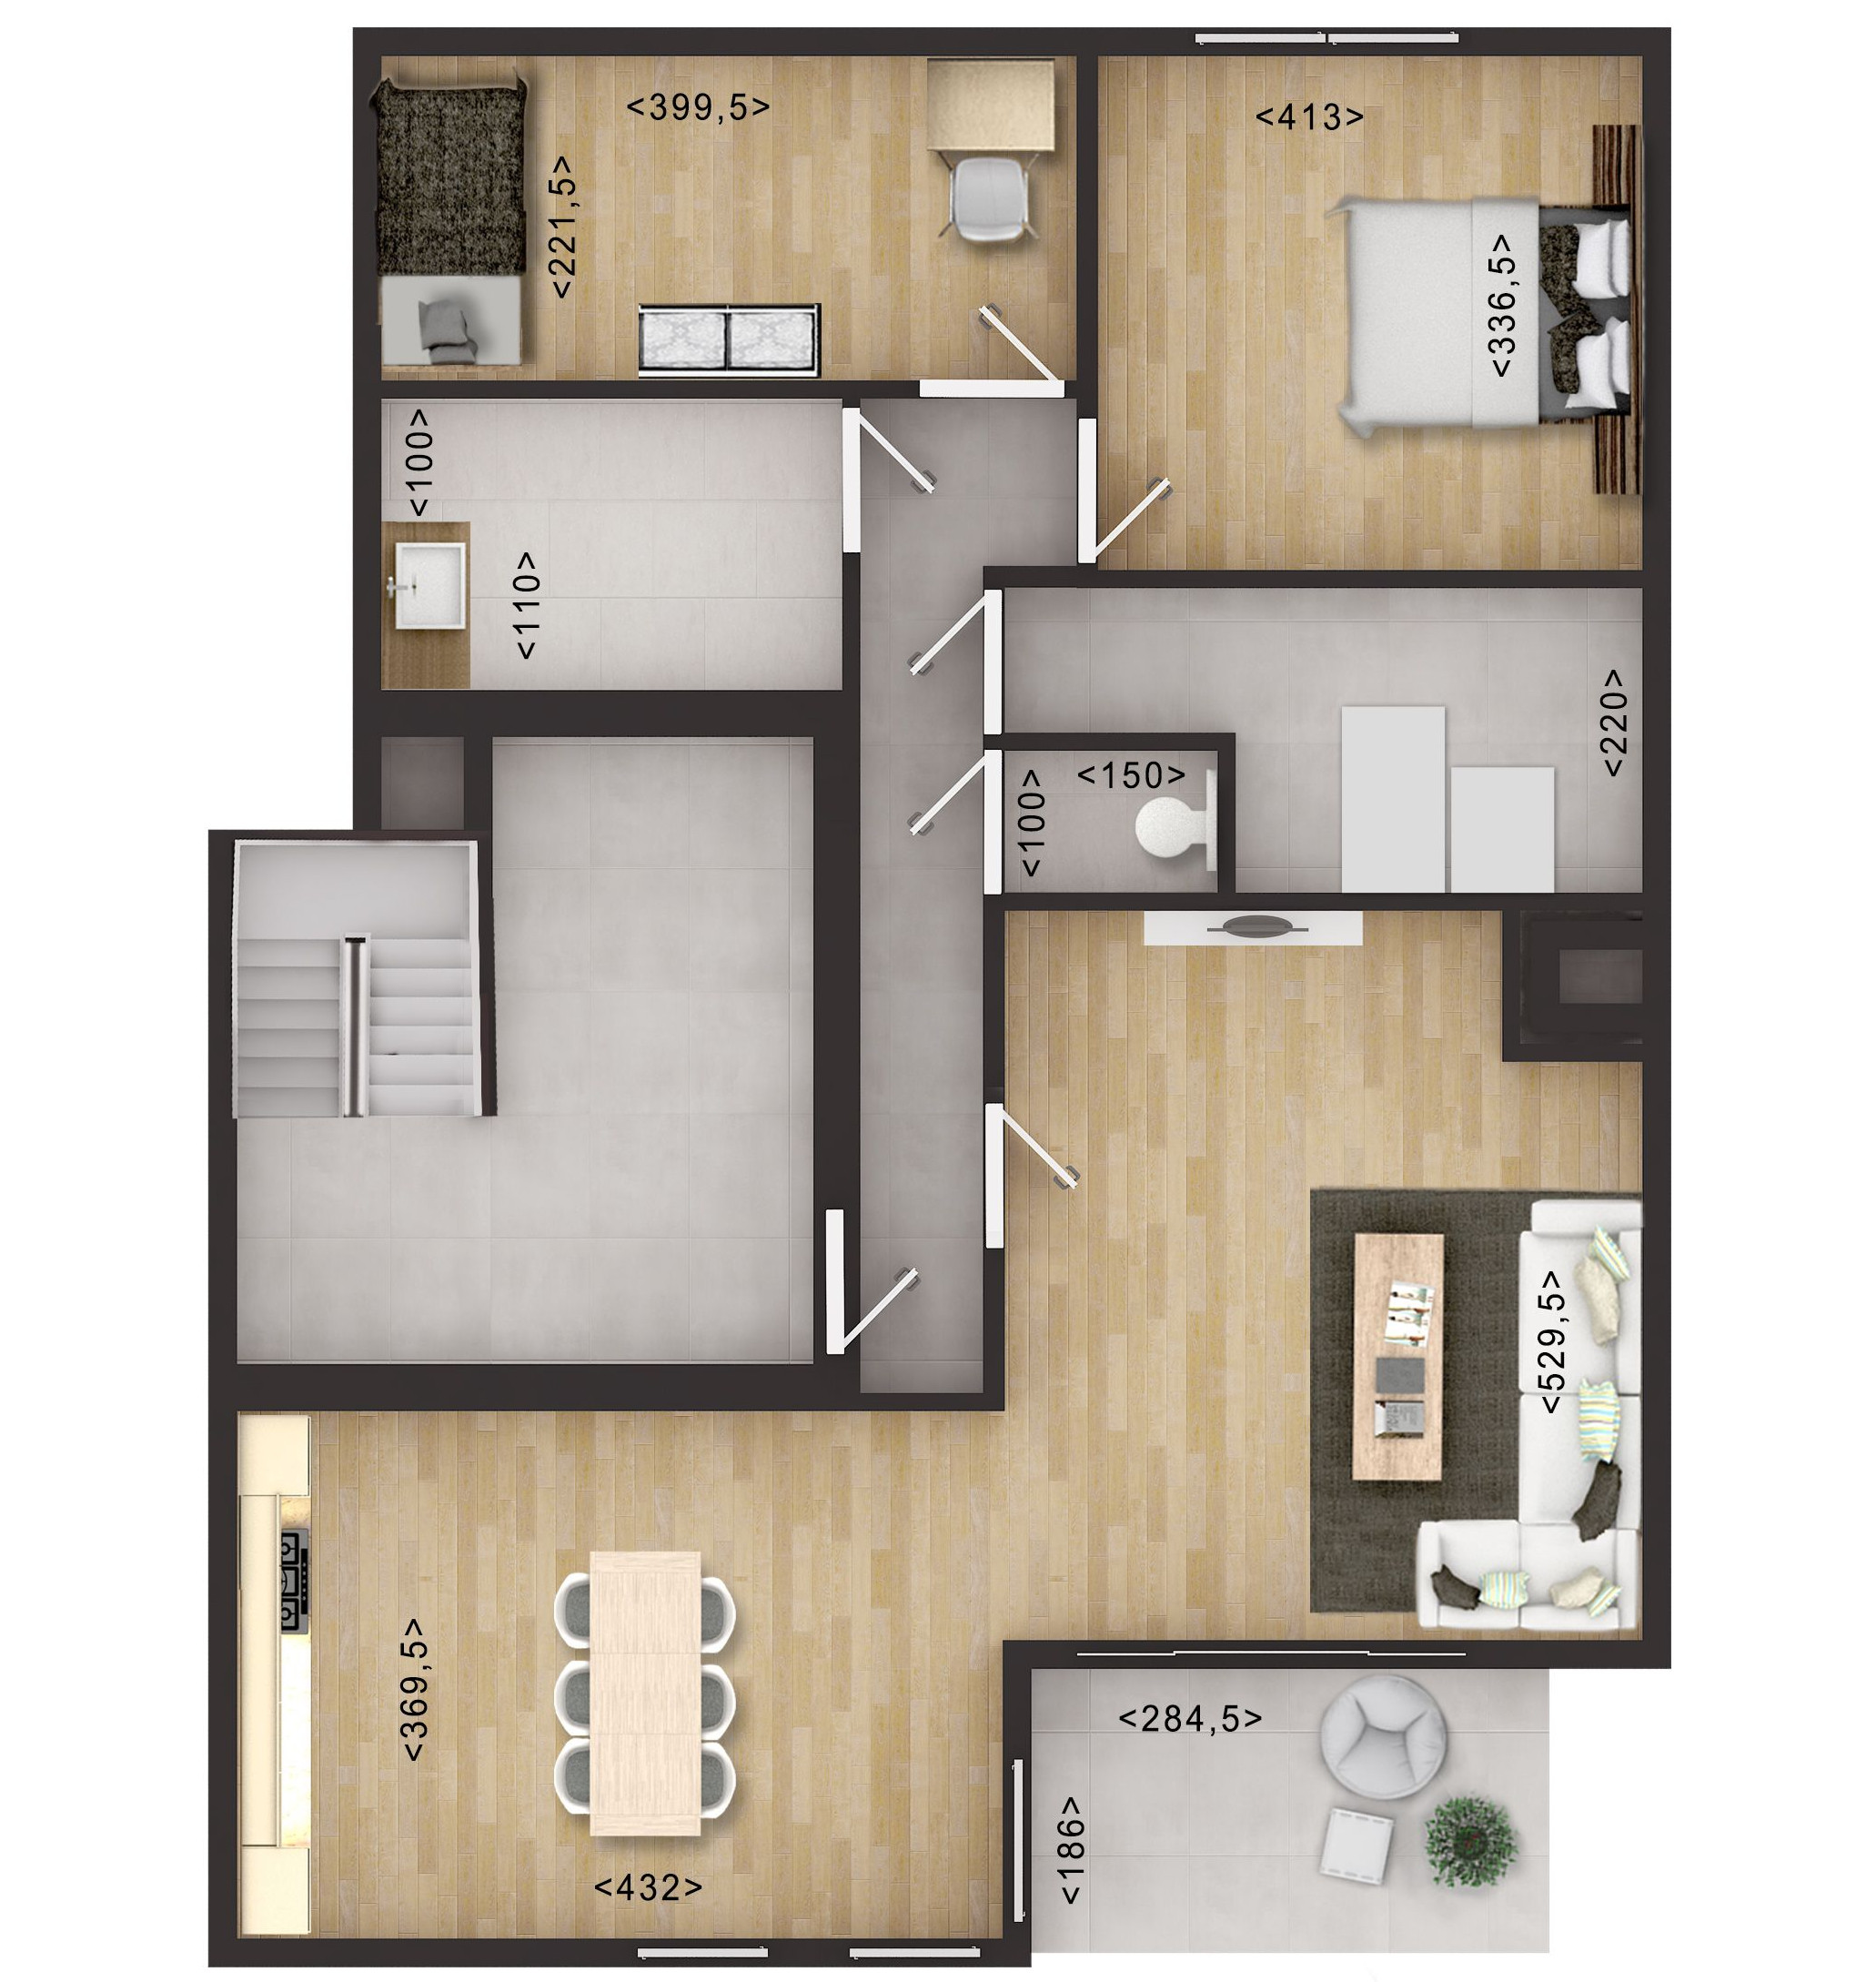 2D Floor Plan Rendering with Photoshop 2D Floor Plan Rendering with Photoshop by JMSDCONSULTANT